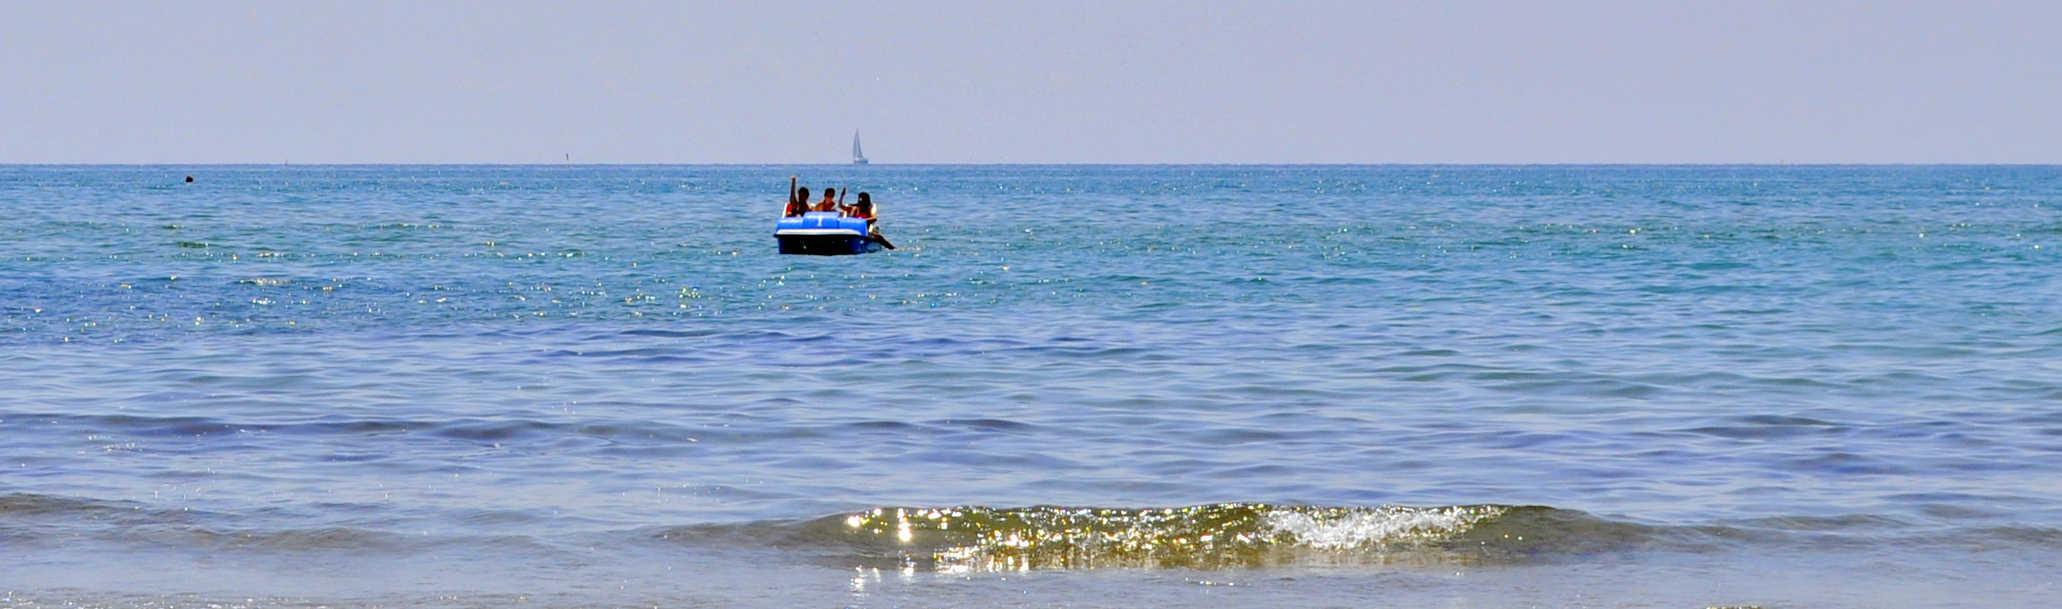 Posti visitare in Veneto - litorale Adriatico